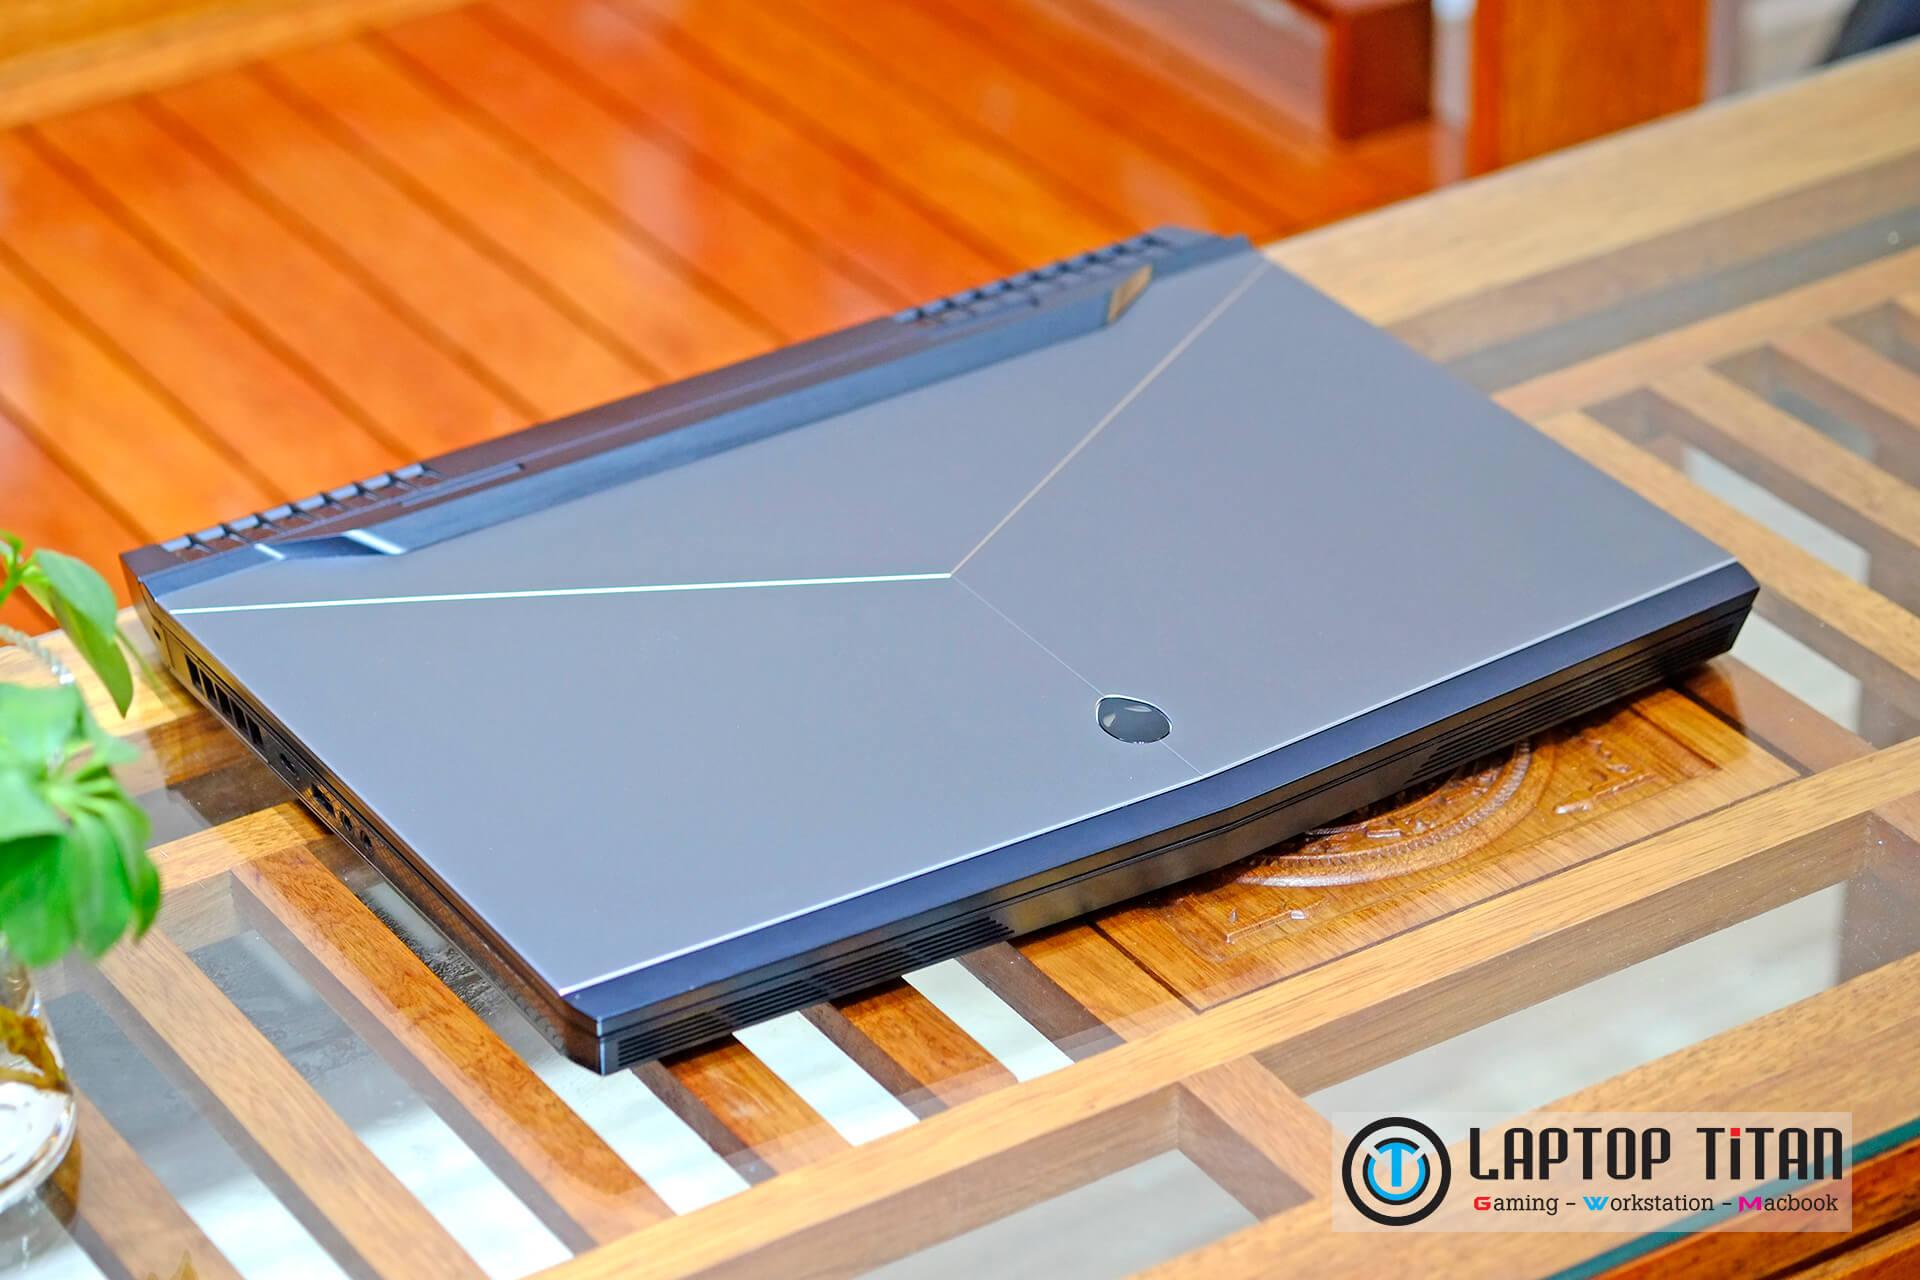 Dell Alienware 17 R4 Laptoptitan 002 1